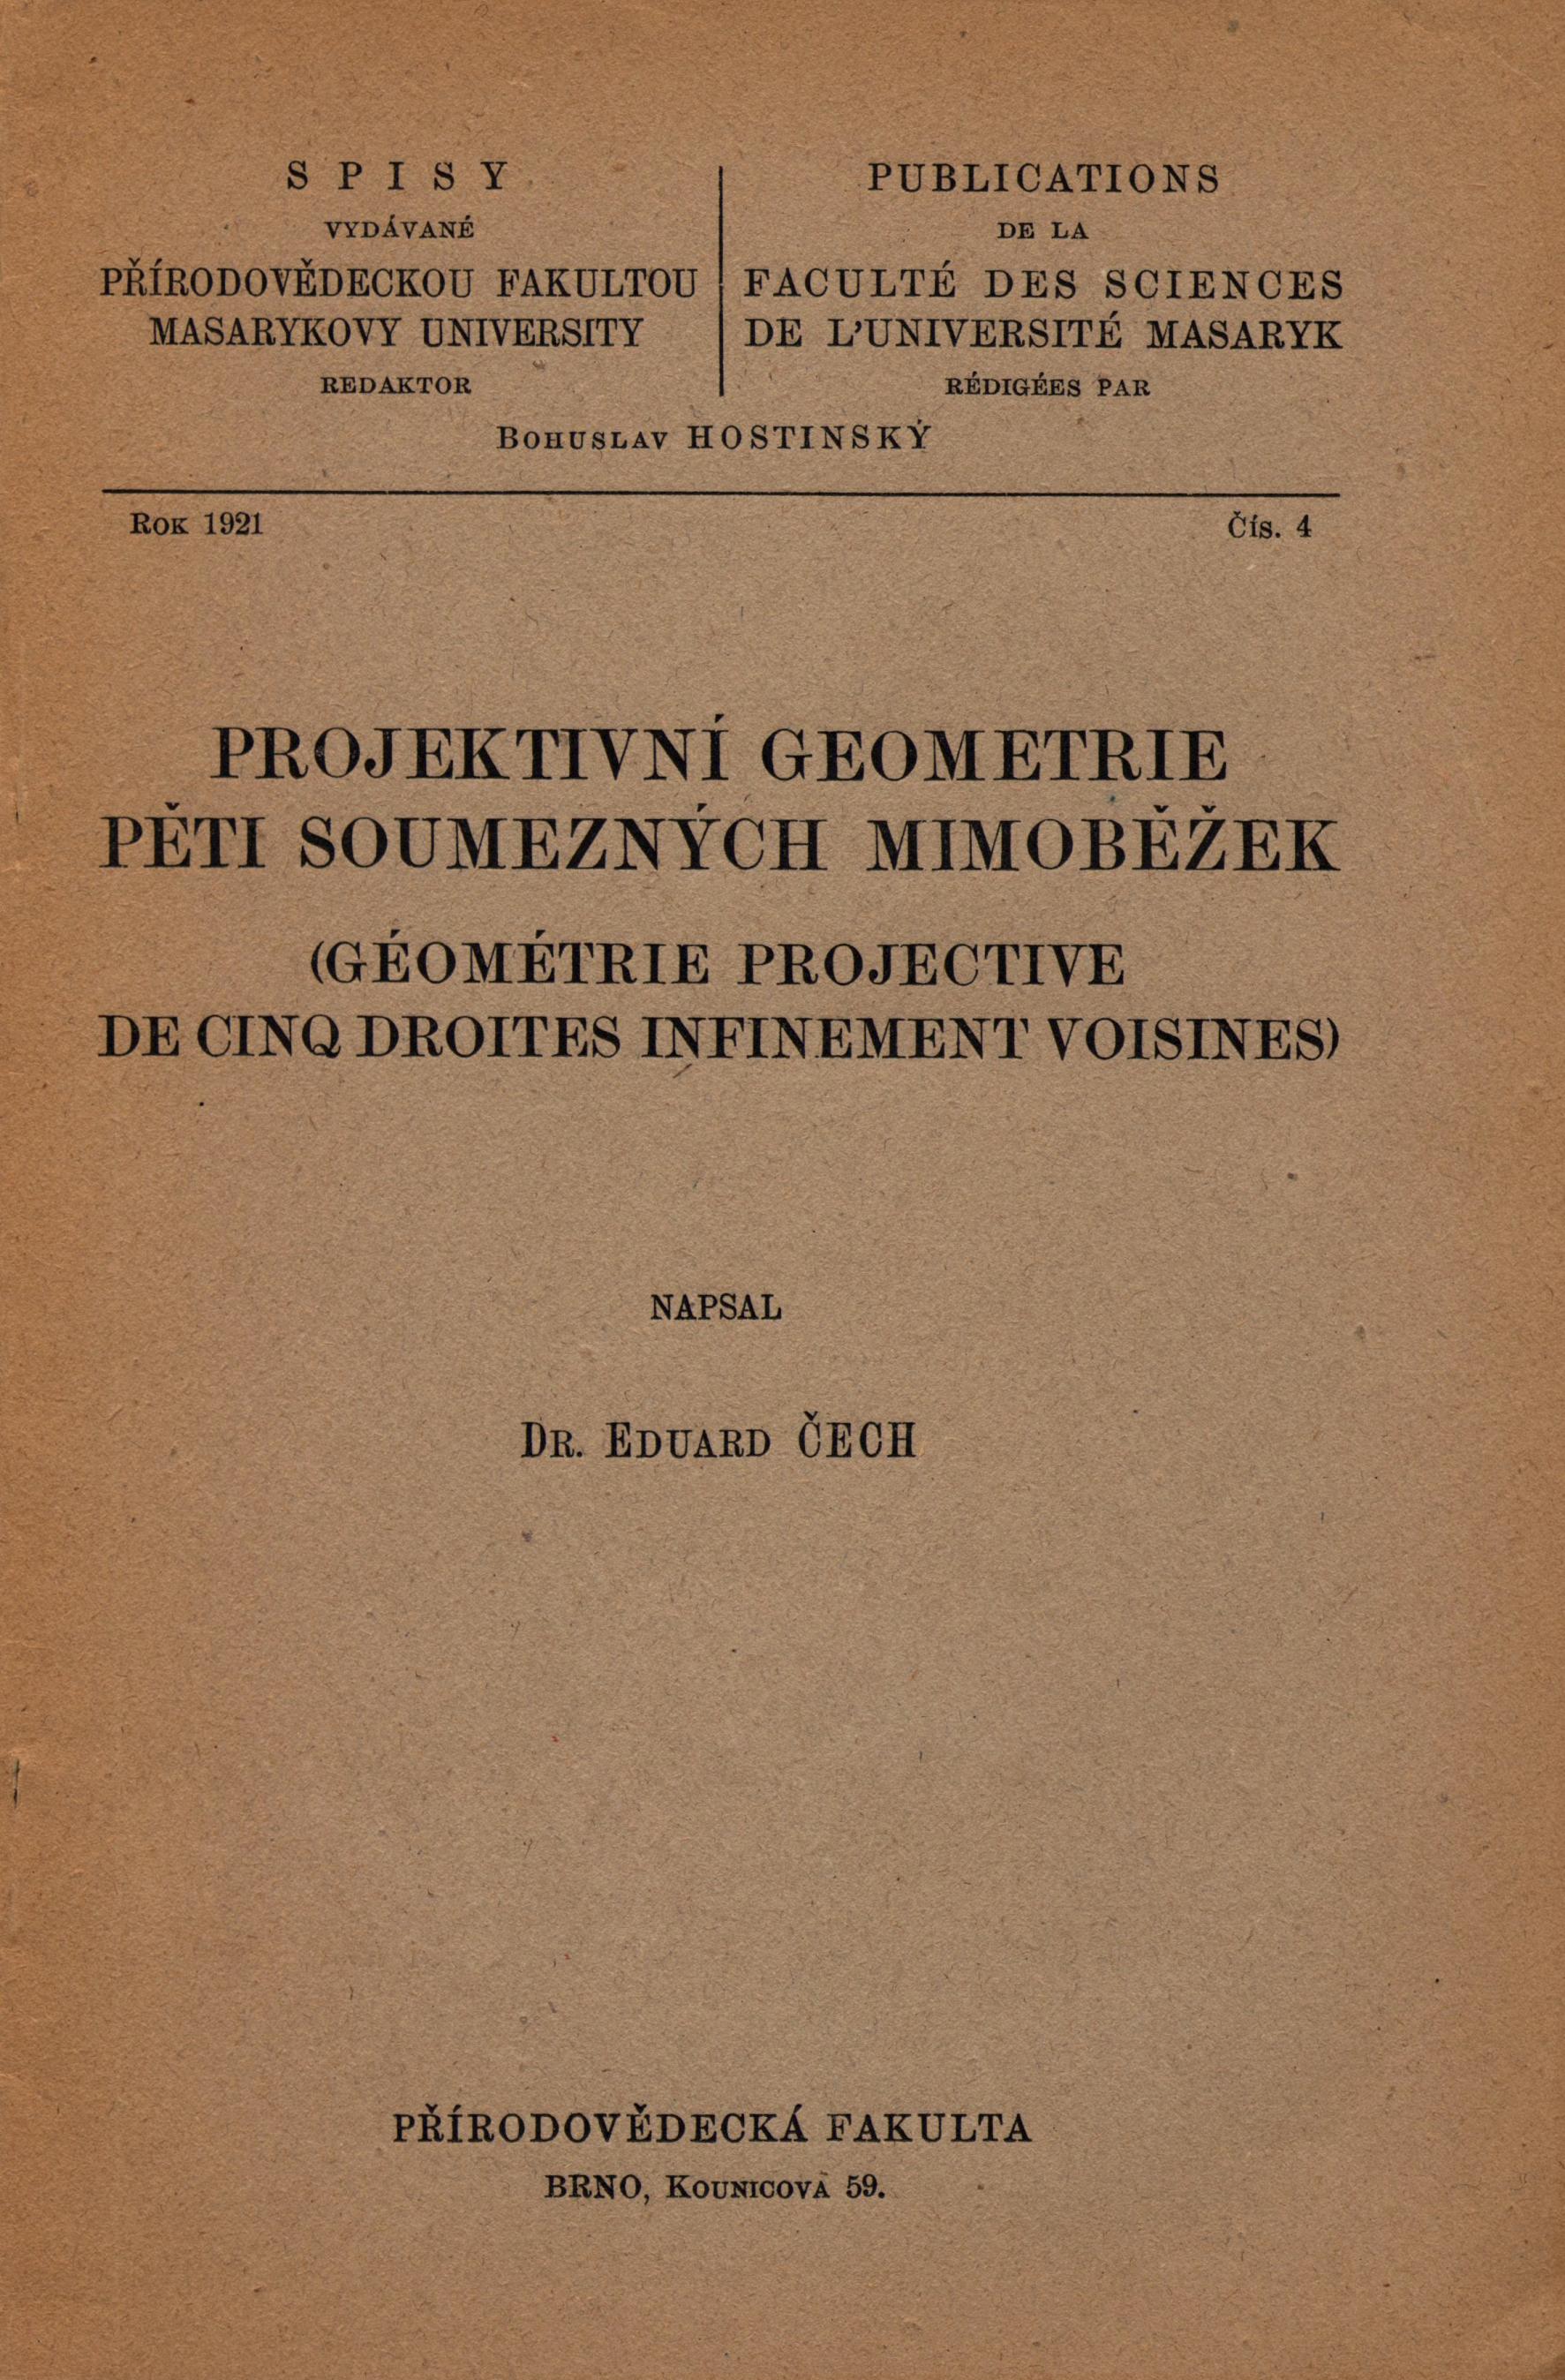 Obálka pro Projektivní geometrie pěti soumezných mimoběžek